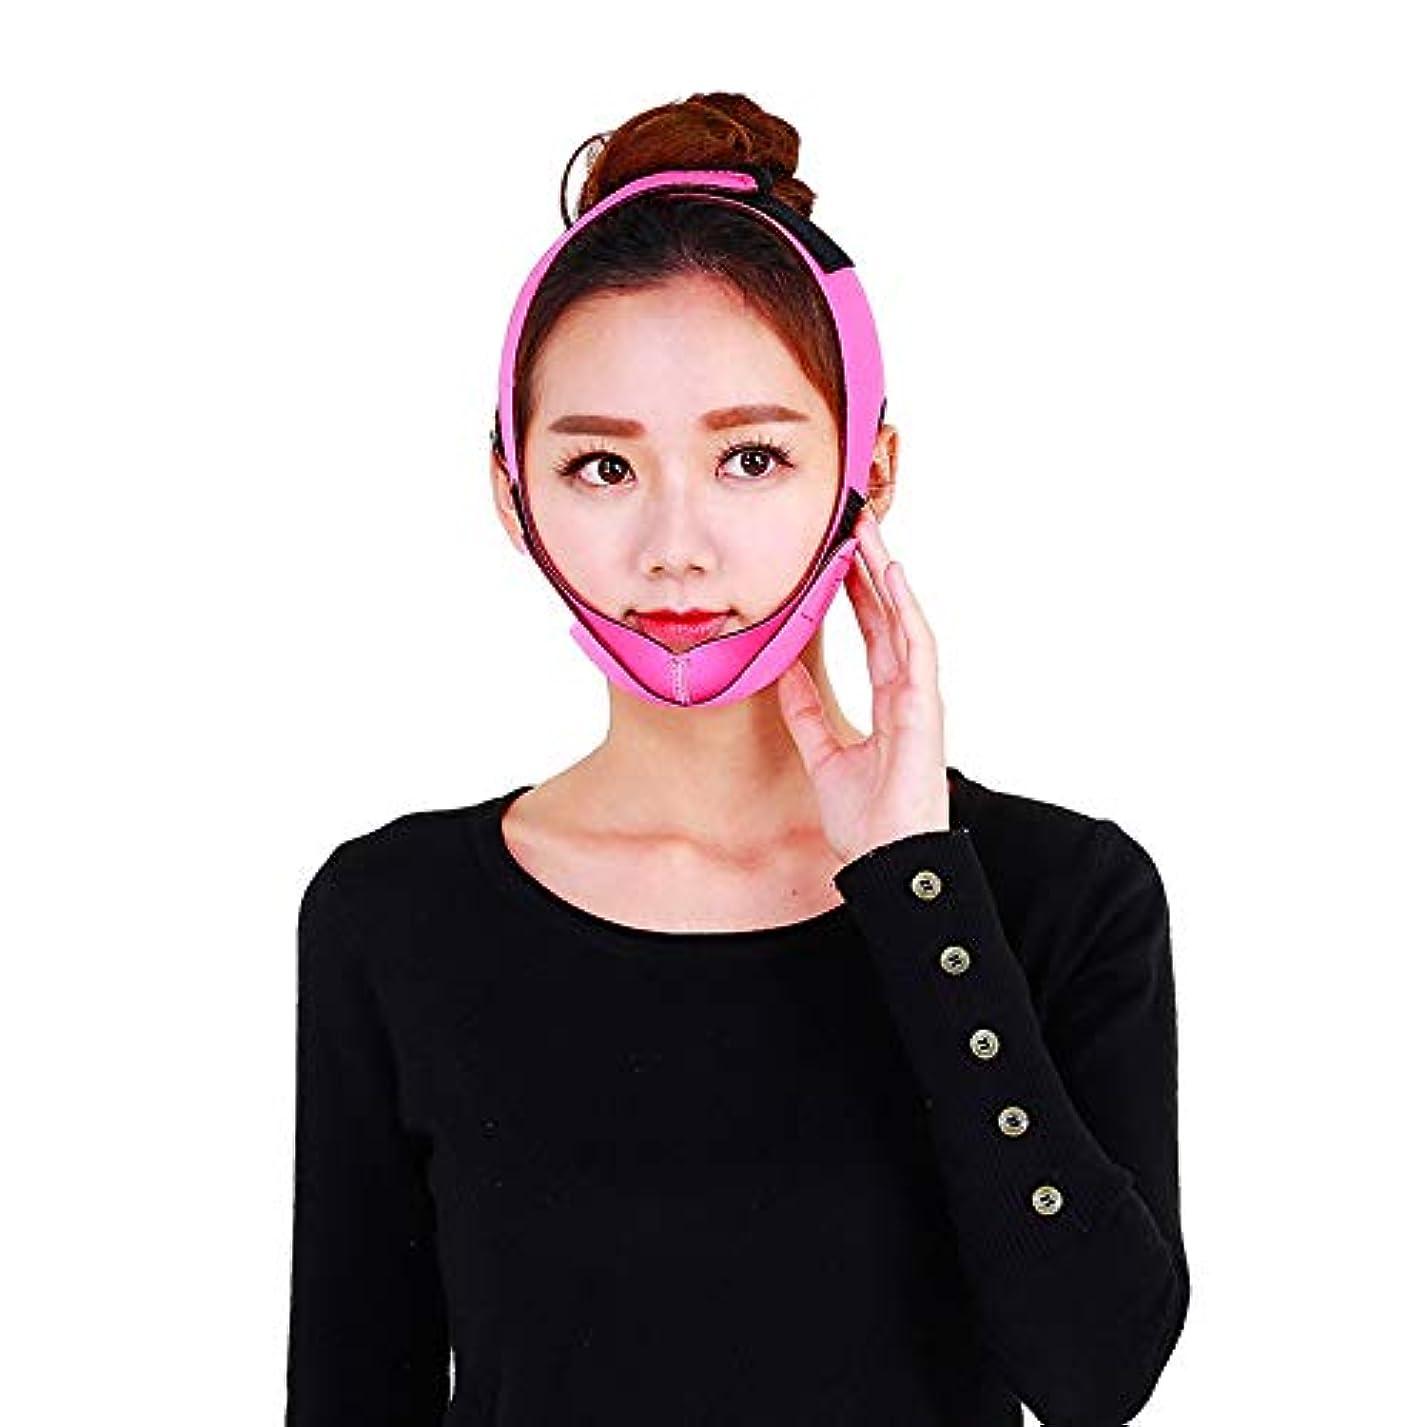 レッスン雄弁メンテナンスMinmin 顔の持ち上がる痩身ベルト - 薄い顔包帯二重あごのデバイス無料の顔のマッサージ整形マスクが顔と首を締めます みんみんVラインフェイスマスク